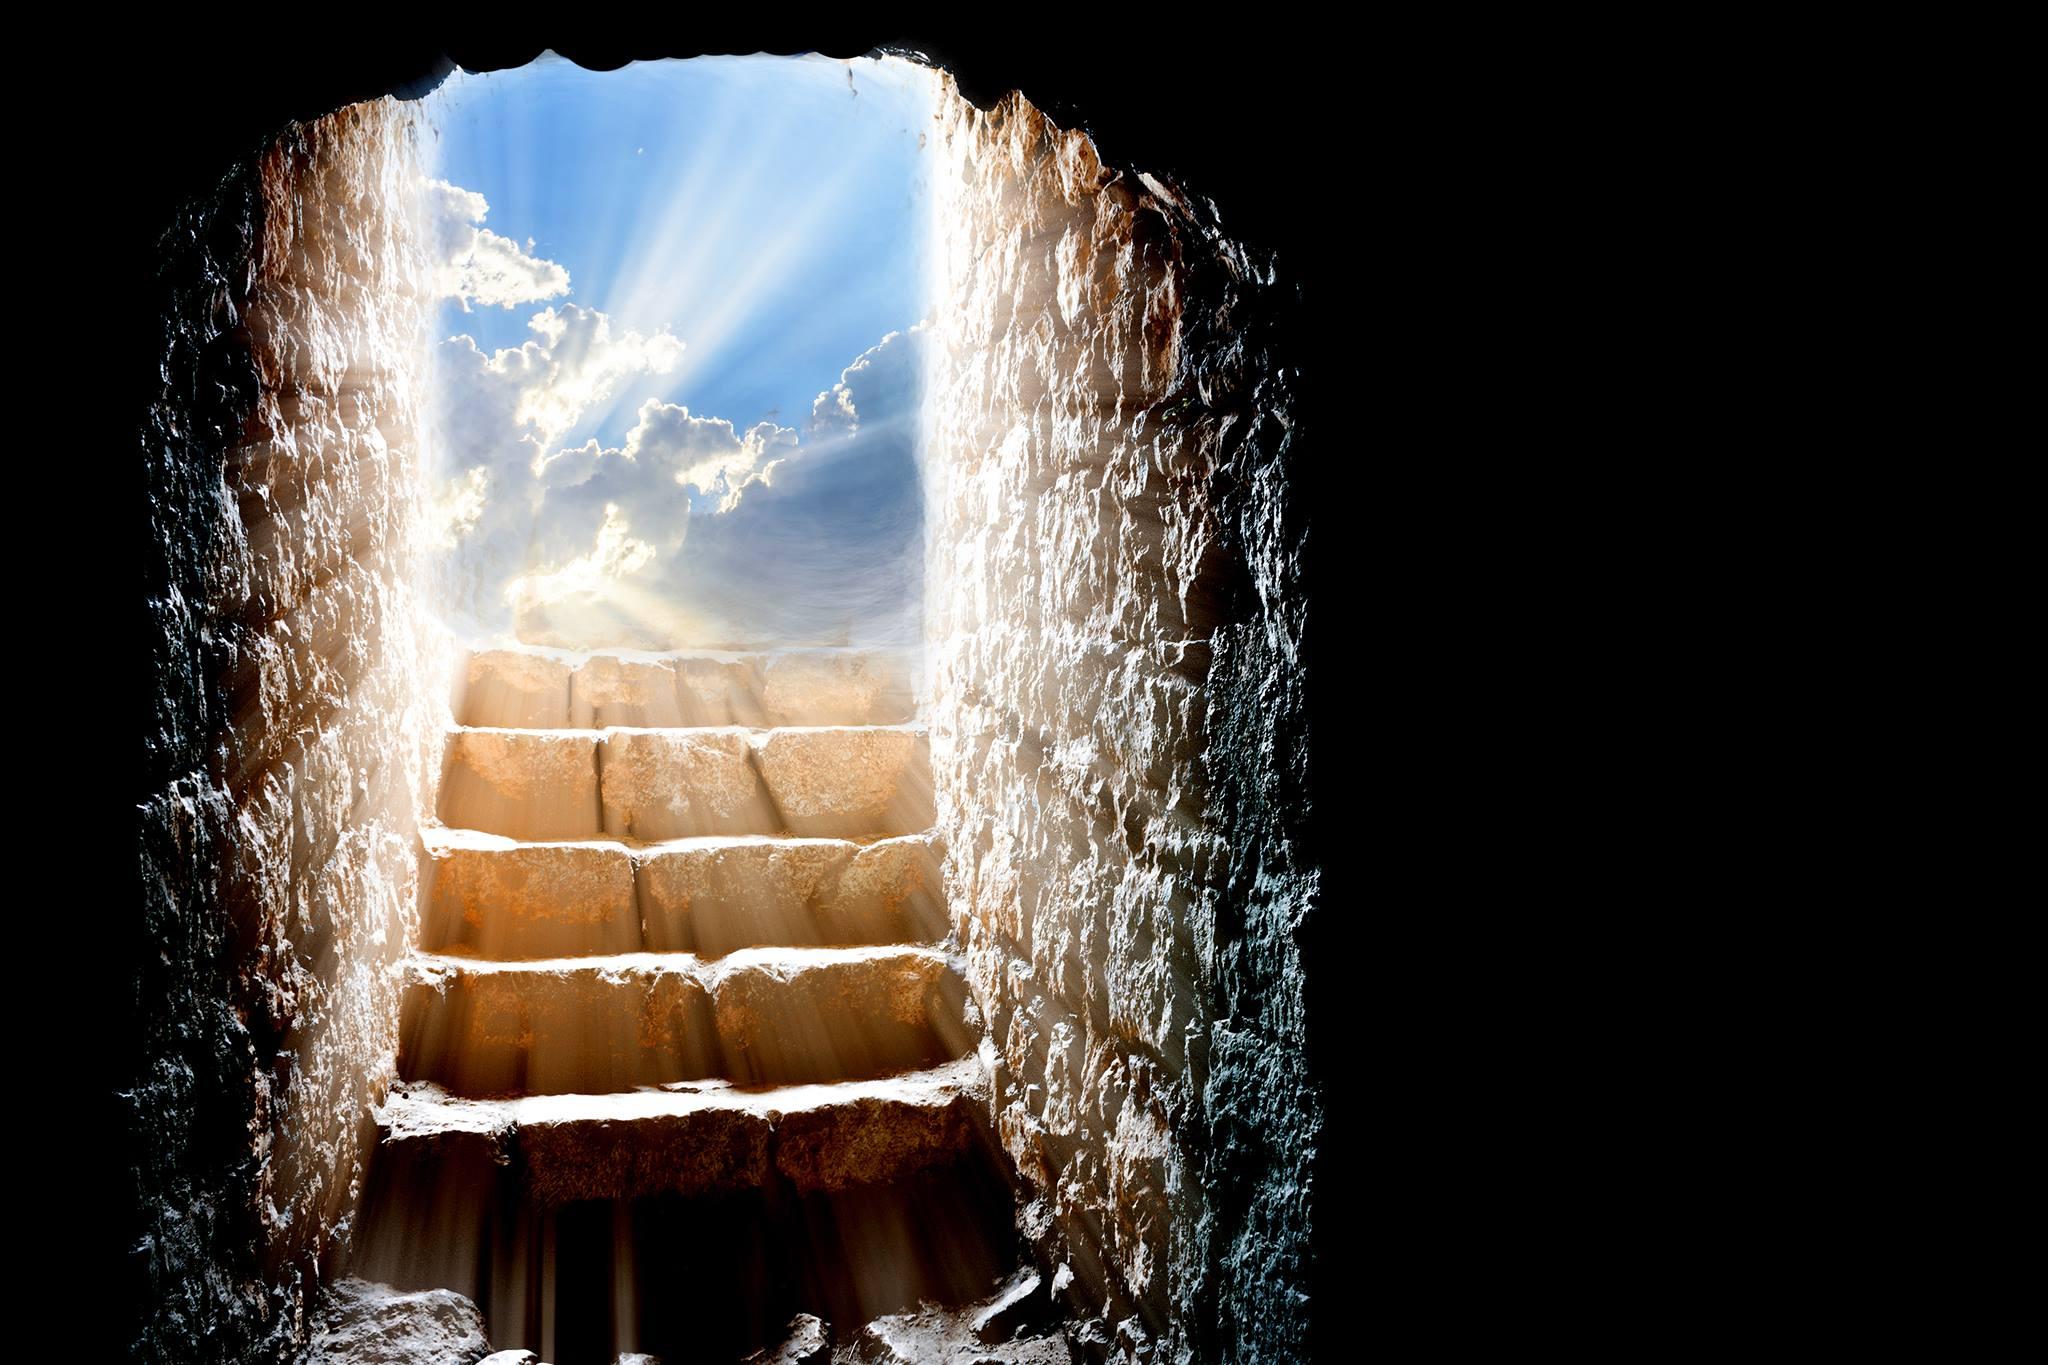 13 maailmakuulsa suurmõtleja tsitaati! Inimene peab võtma iseenda